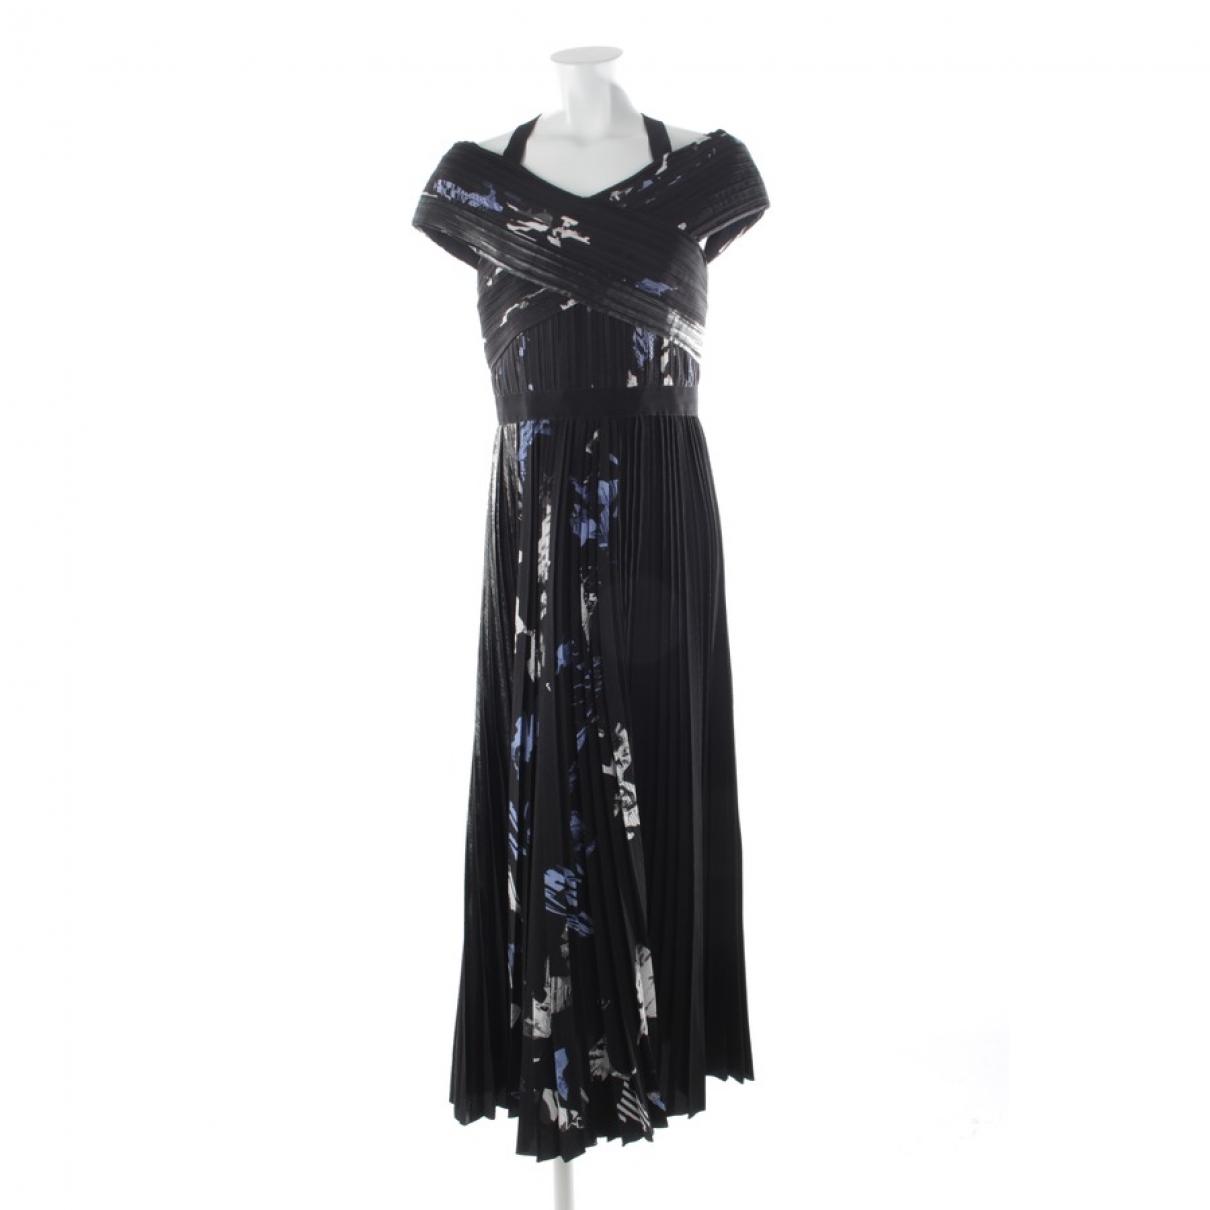 Proenza Schouler \N Kleid in  Schwarz Synthetik